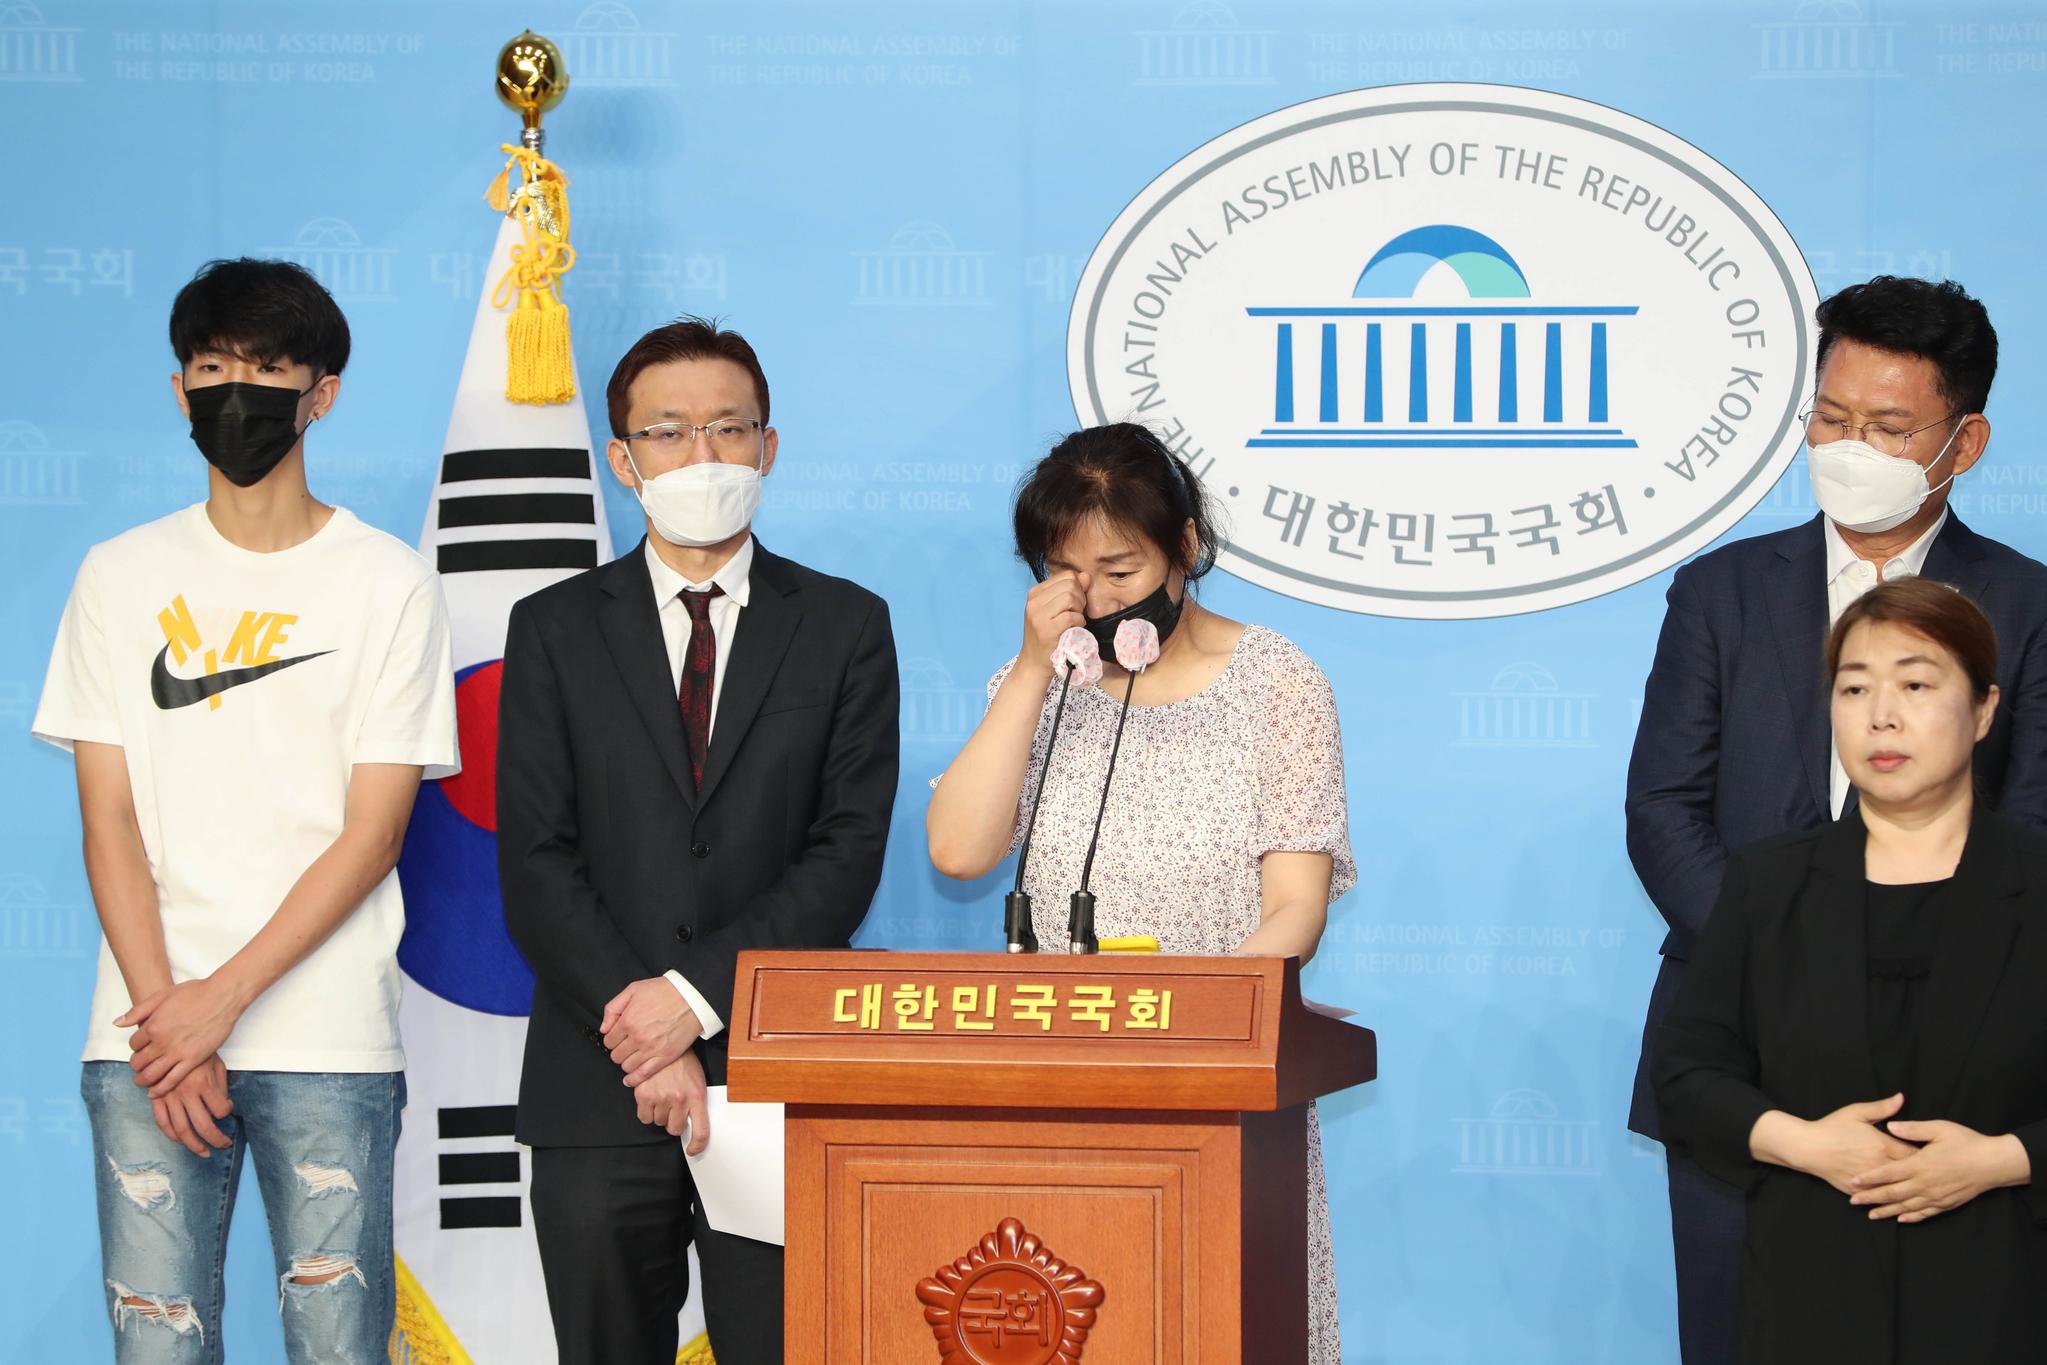 故 고유민 선수의 어머니가 20일 오전 서울 국회 소통관에서 기자회견을 열고 사망 의혹 관련 진상 규명을 촉구하고 있다. 중앙포토